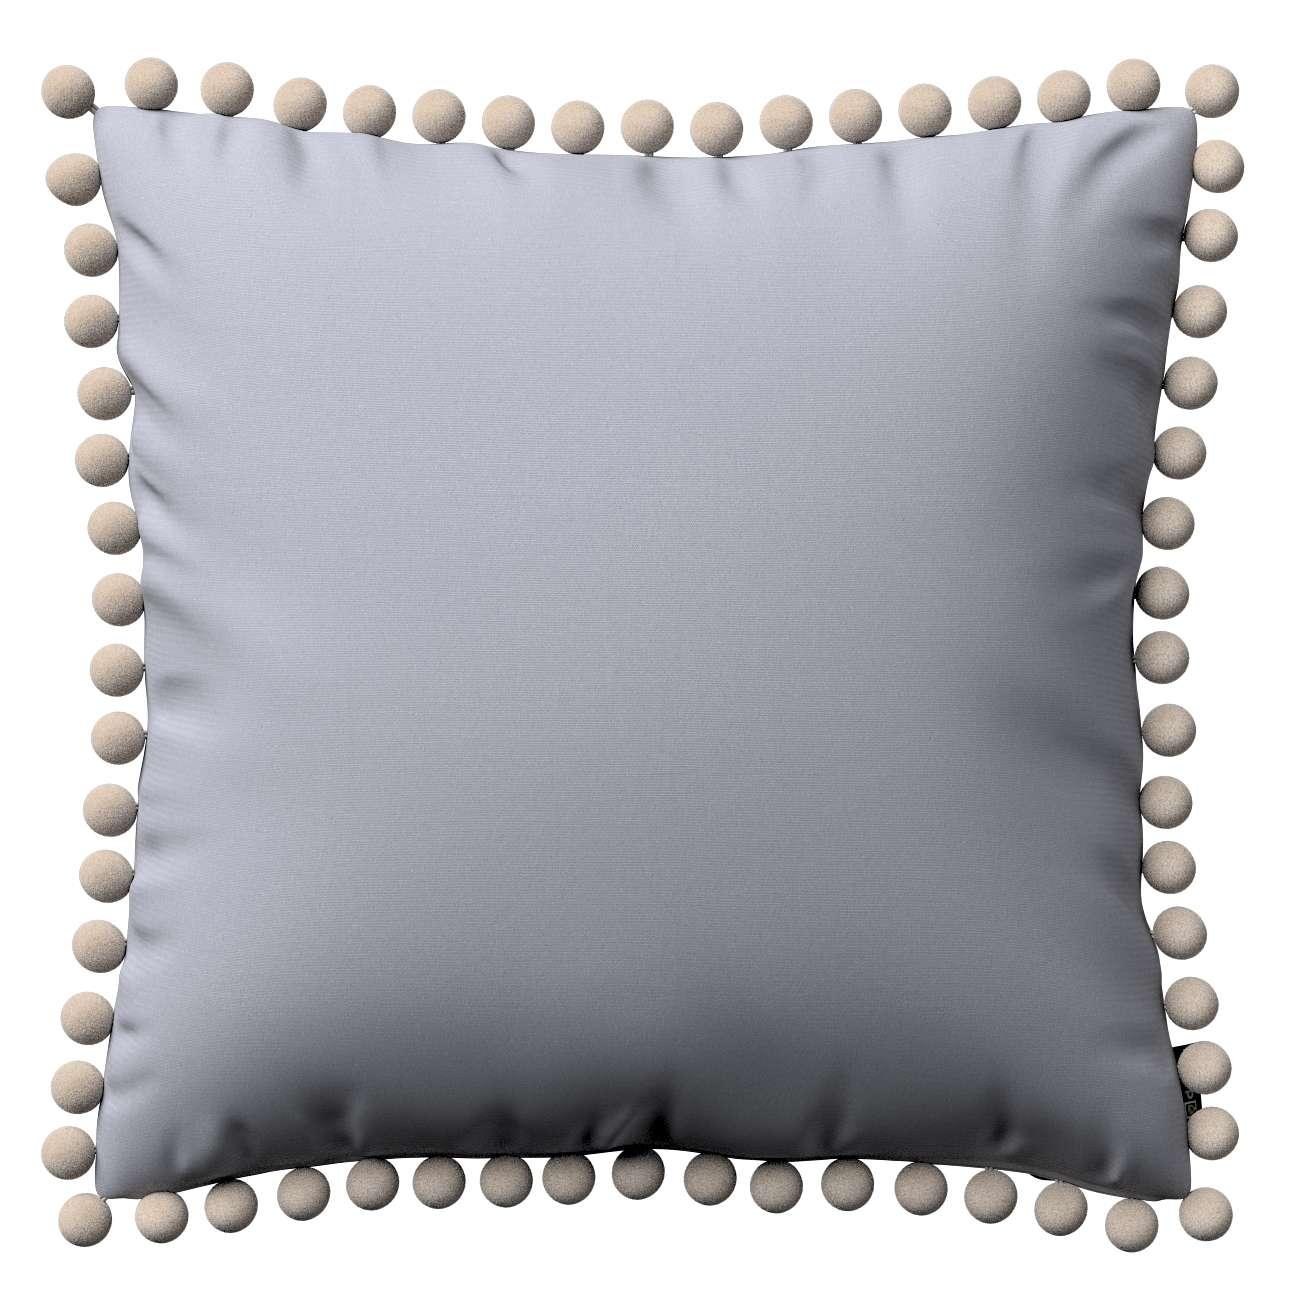 Wera dekoratyvinės pagalvėlės užvalkalas su žaismingais kraštais 45 x 45 cm kolekcijoje Jupiter, audinys: 127-92